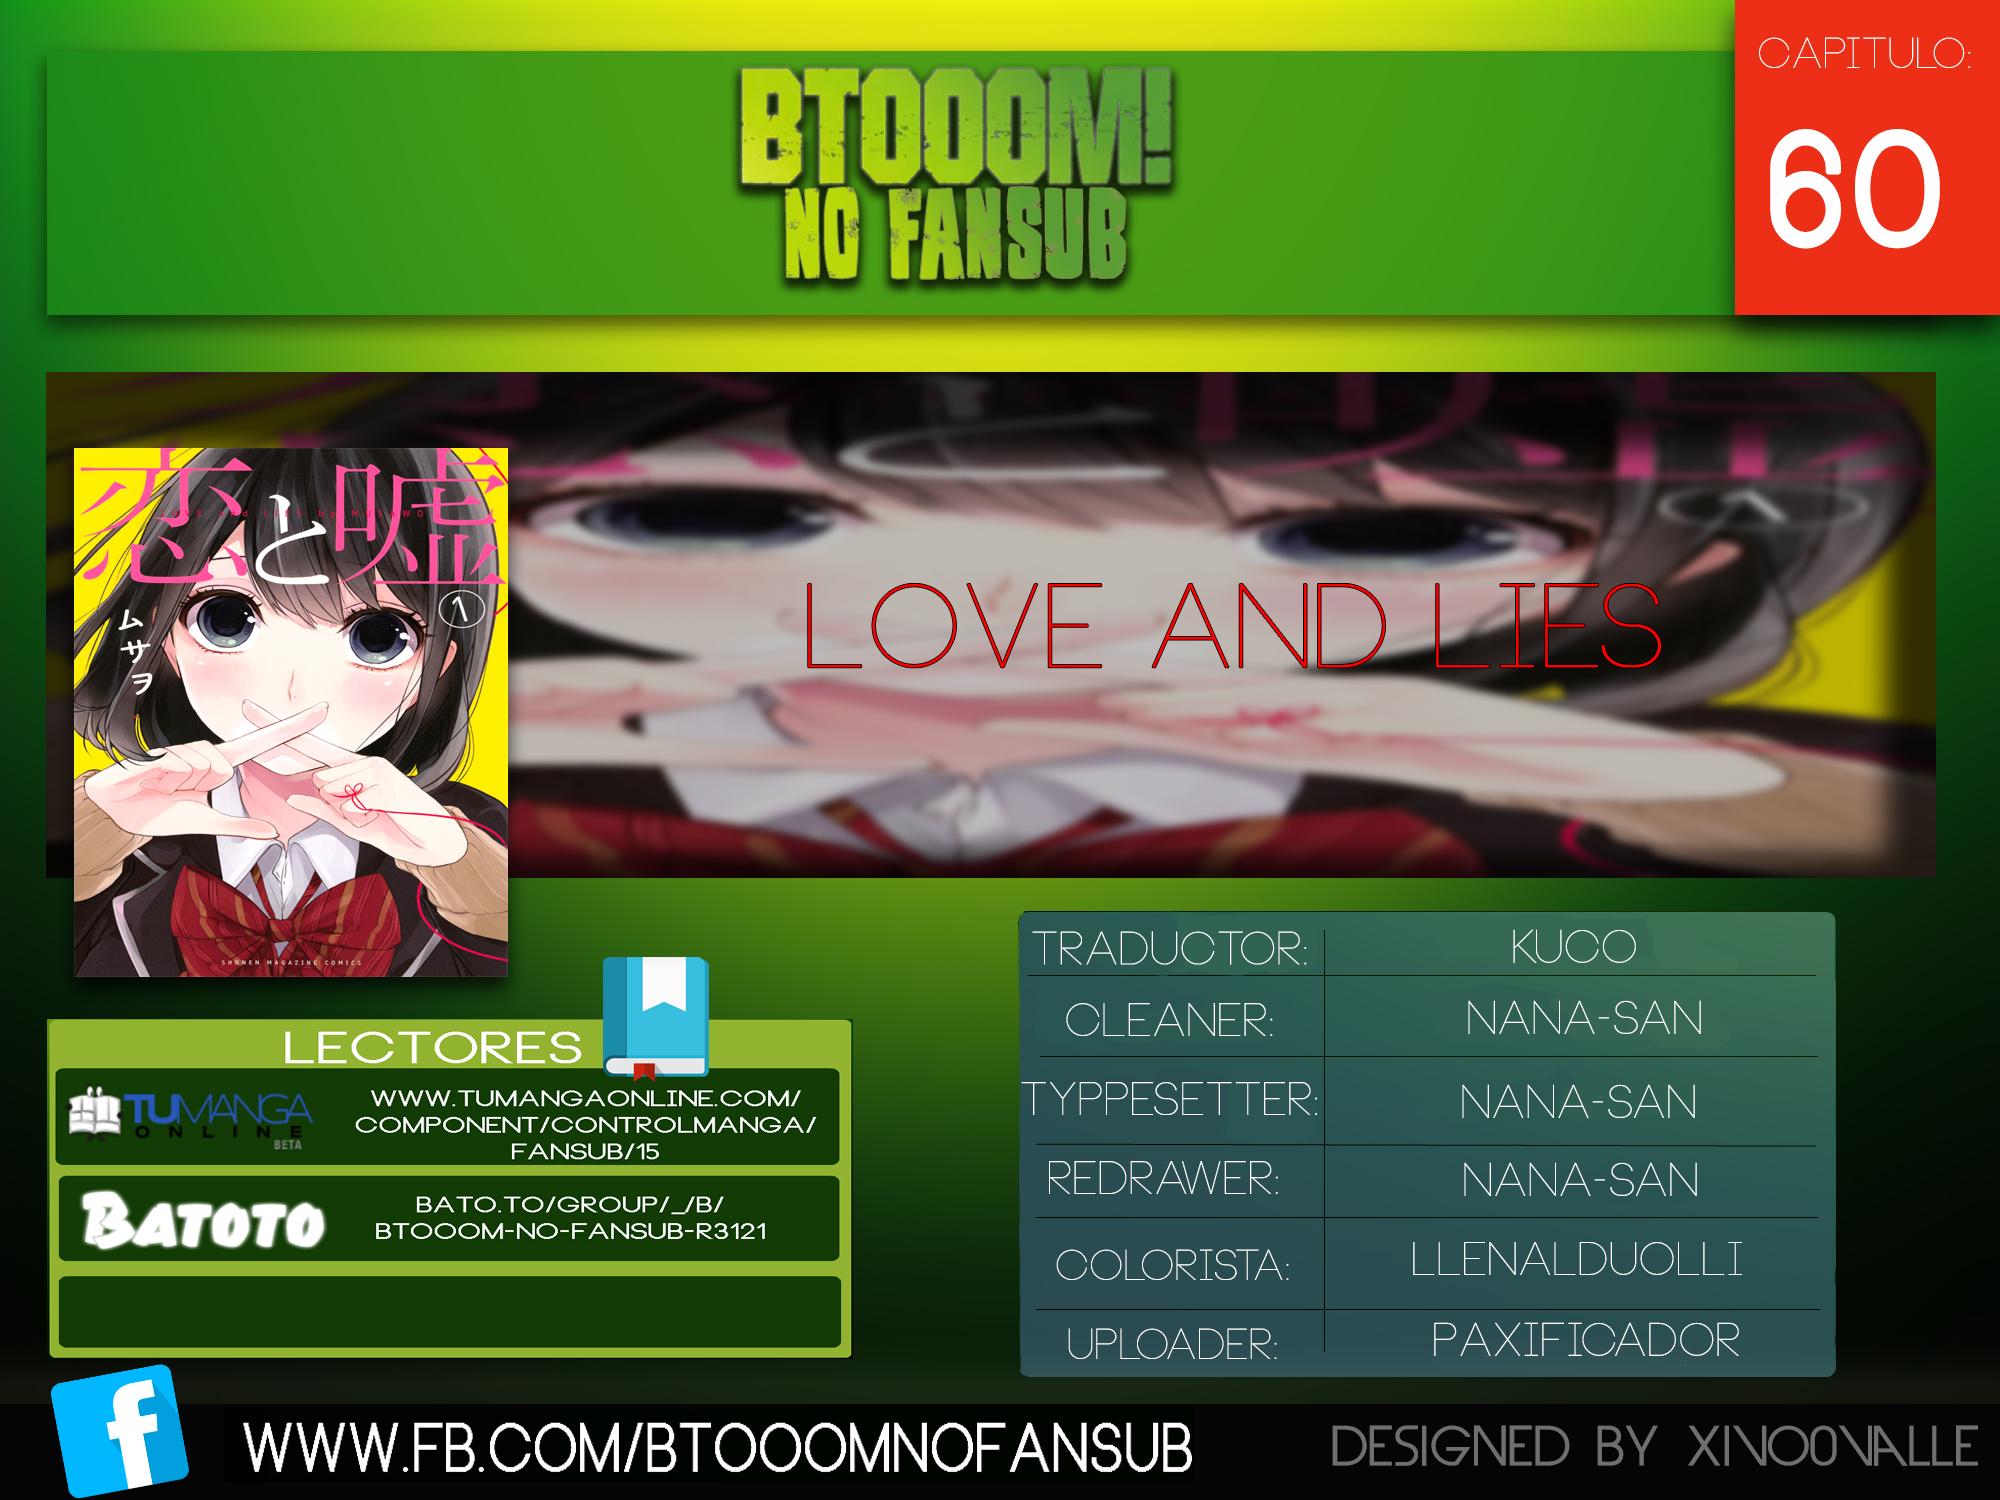 http://c5.ninemanga.com/es_manga/14/14734/420848/57d2108c6efd565d5bd6b27e4c7e747a.jpg Page 1